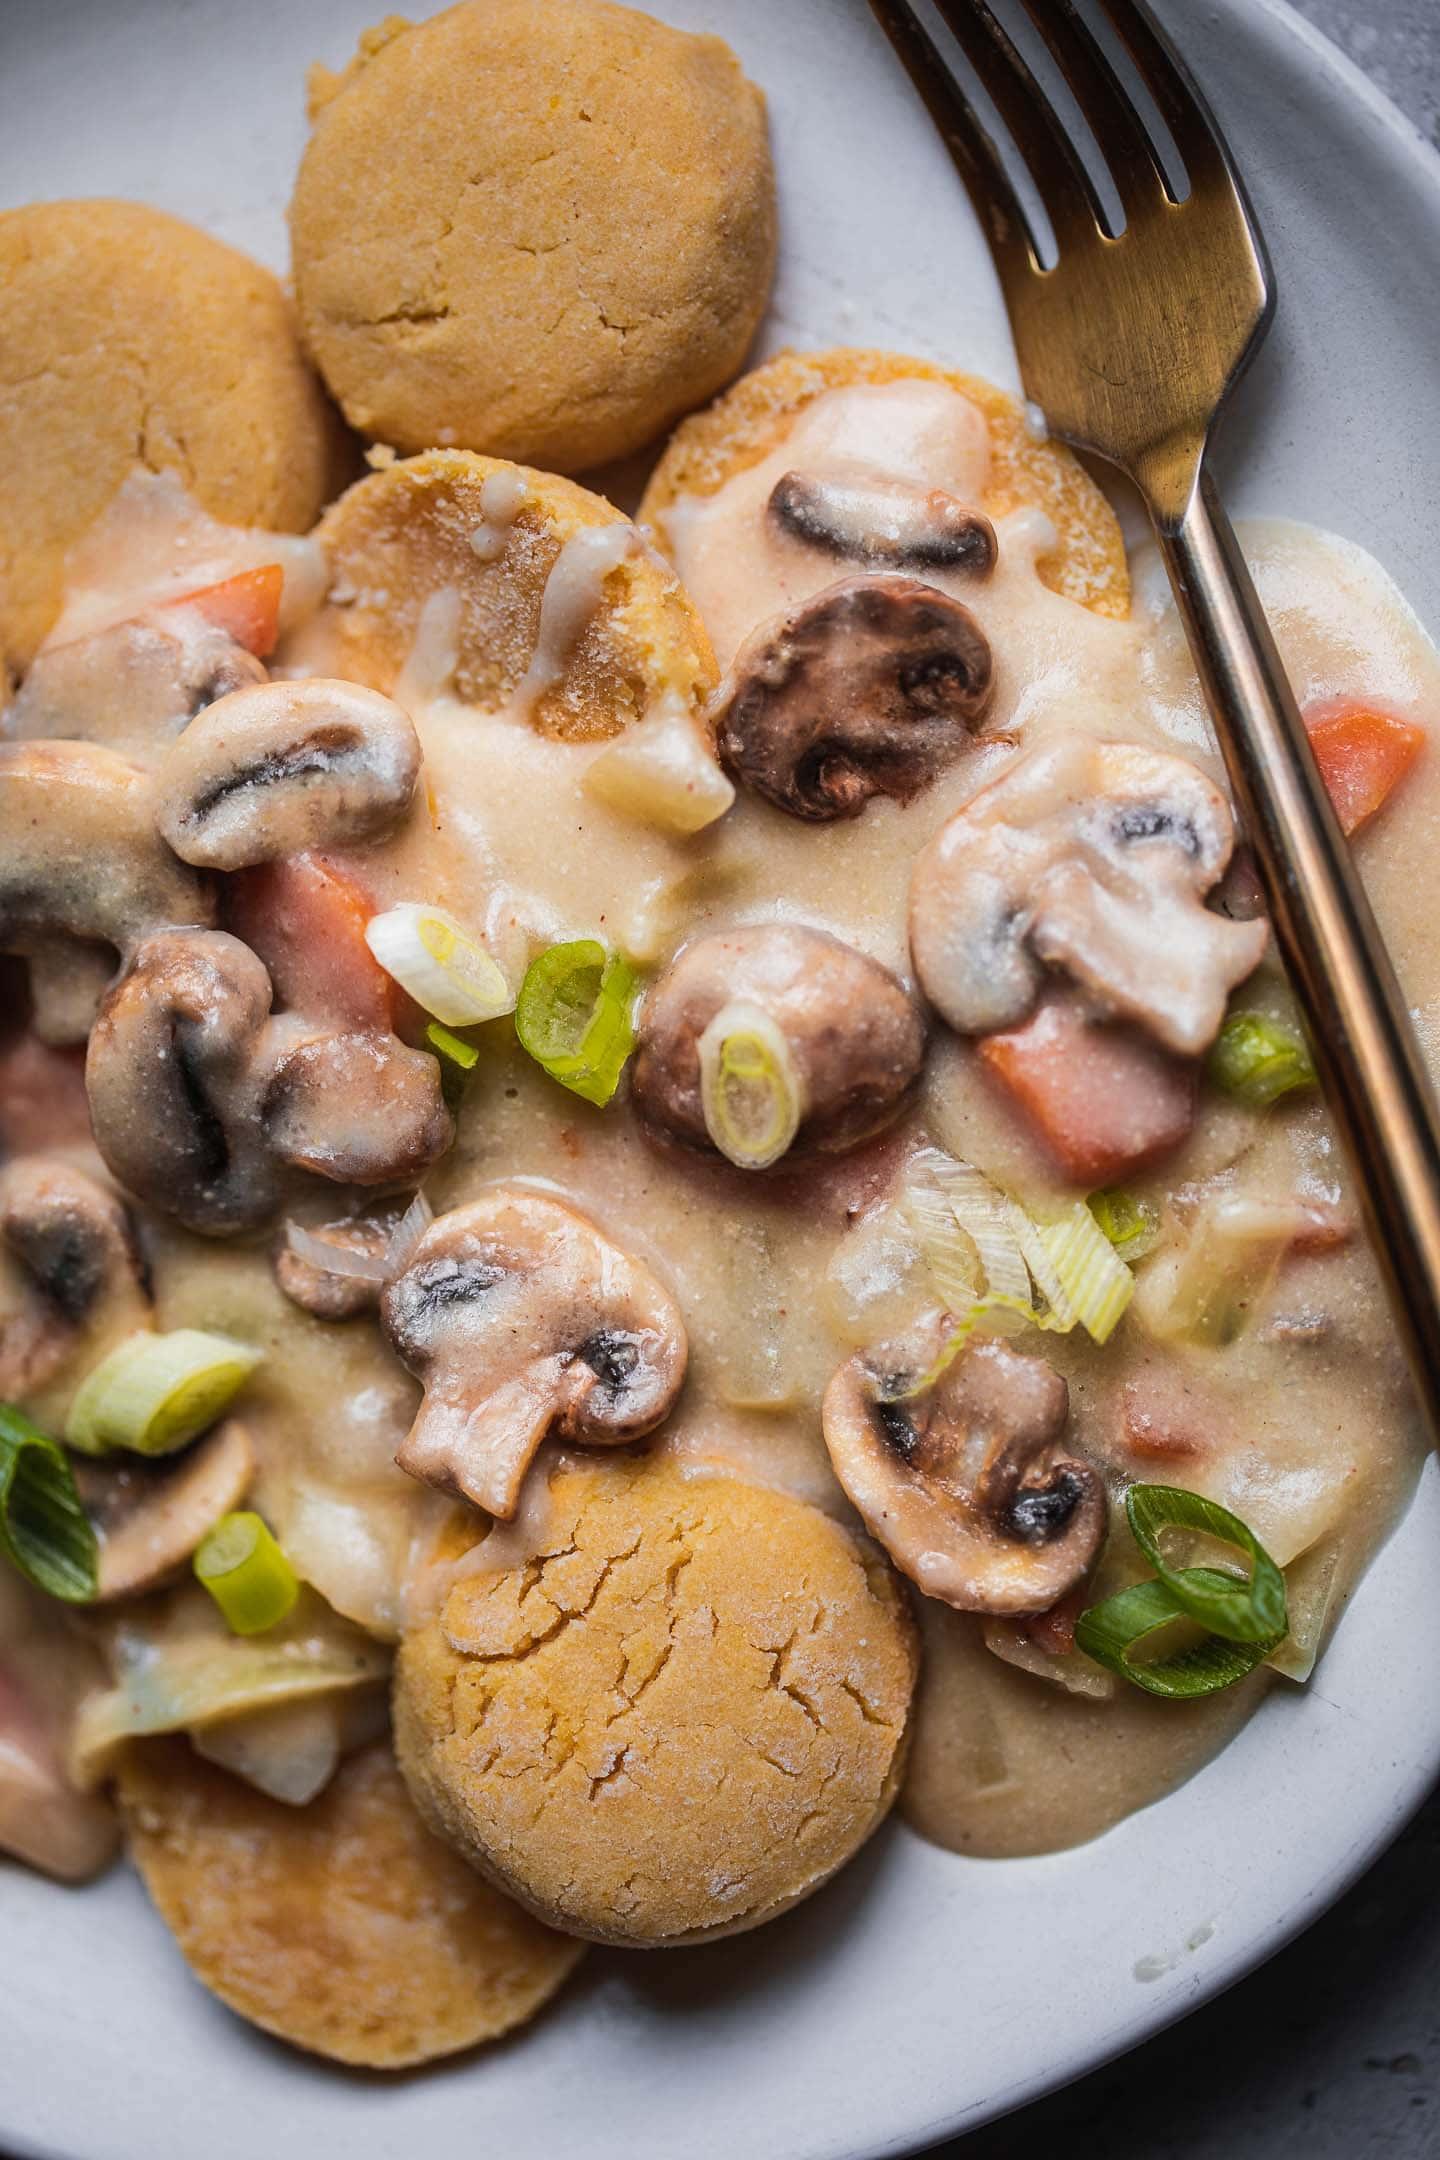 Vegan biscuits and gravy gluten-free